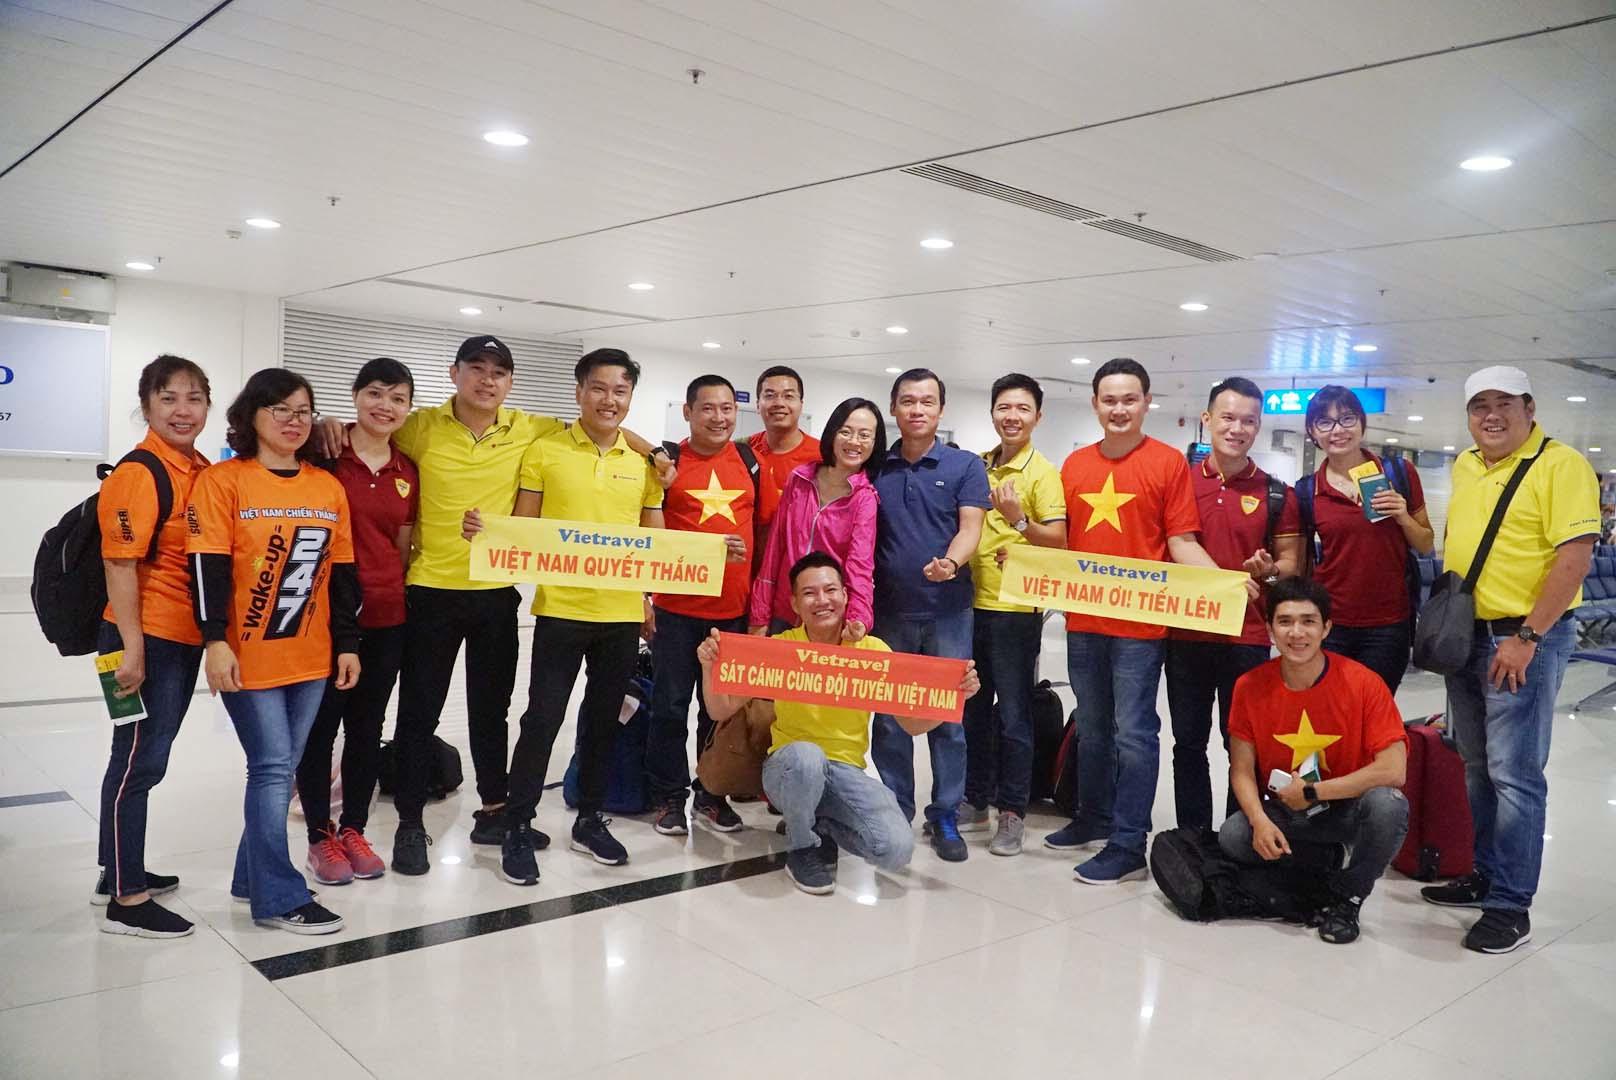 """Fan """"nhuộm đỏ"""" sân bay Tân Sơn Nhất sang UAE """"tiếp lửa"""" cho tuyển Việt Nam - 10"""